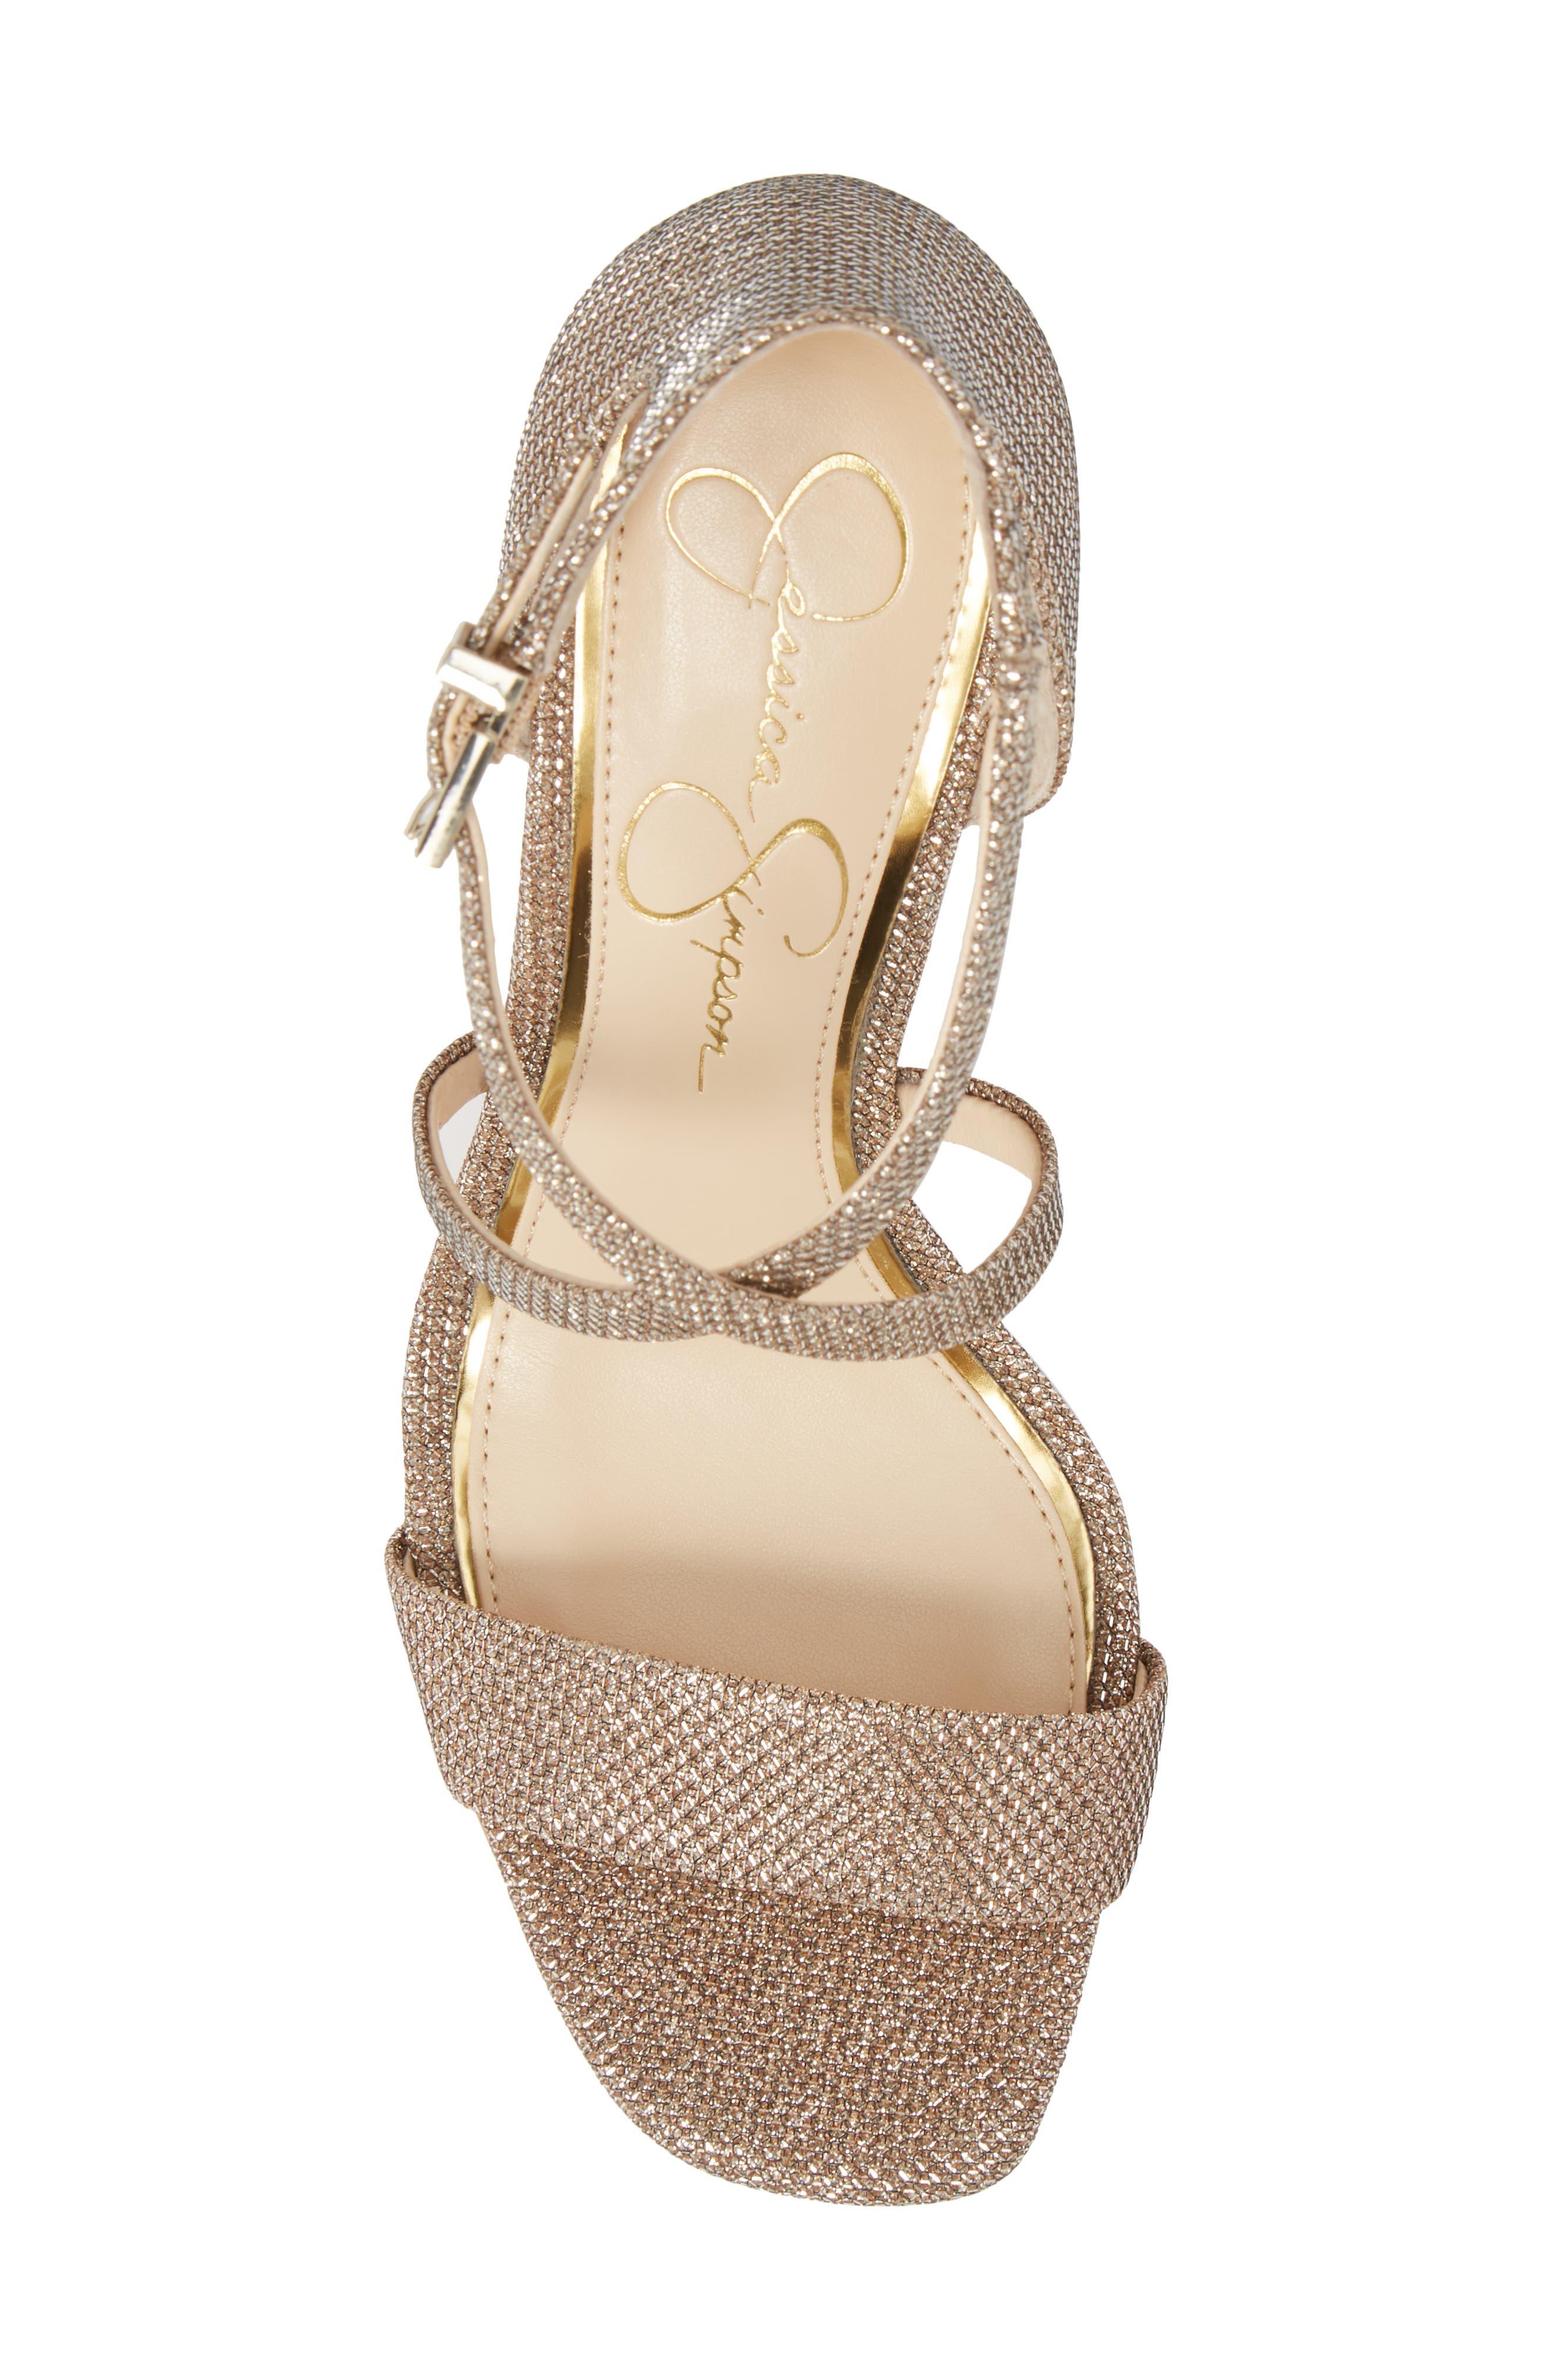 Stassi Cross Strap Wedge Sandal,                             Alternate thumbnail 4, color,                             Gold